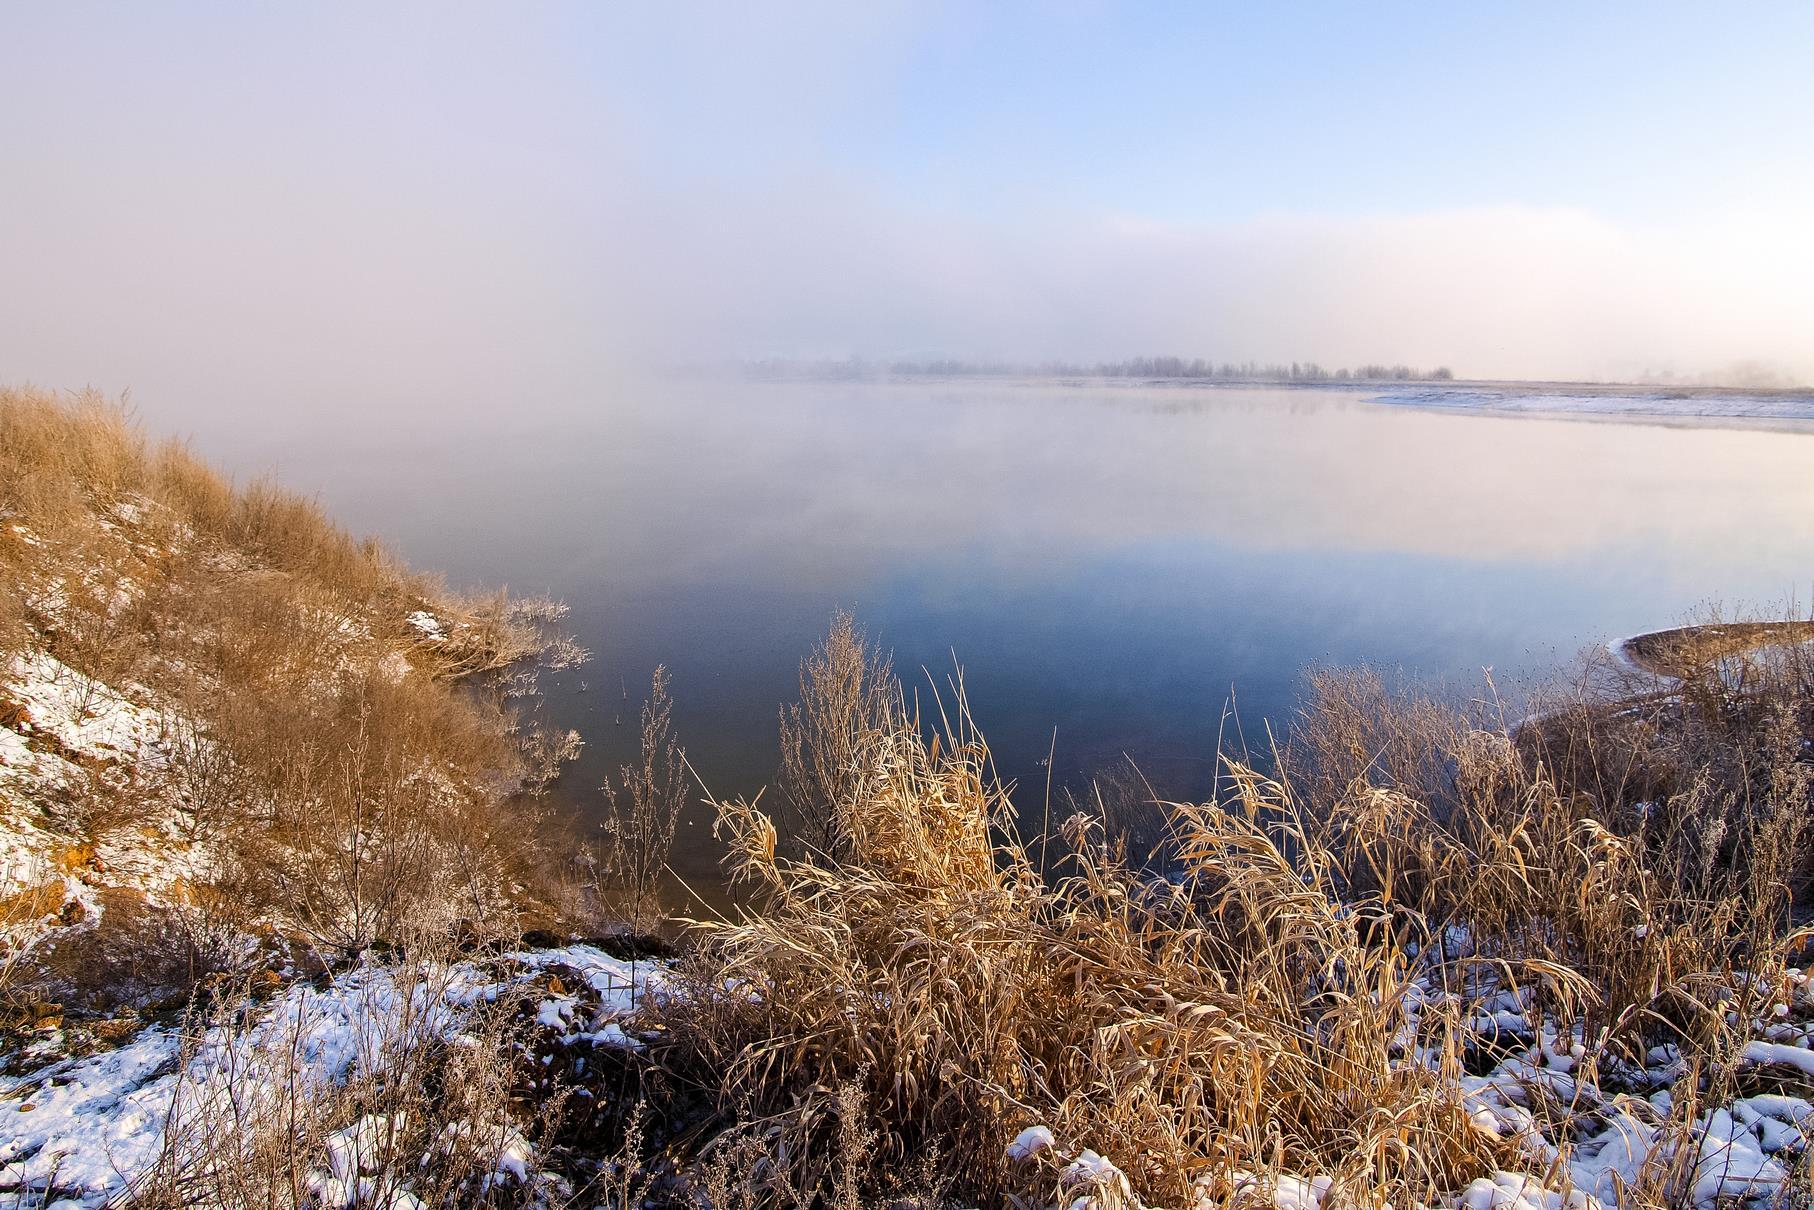 Nebel über dem westlichen Teich an einem Morgen im März.